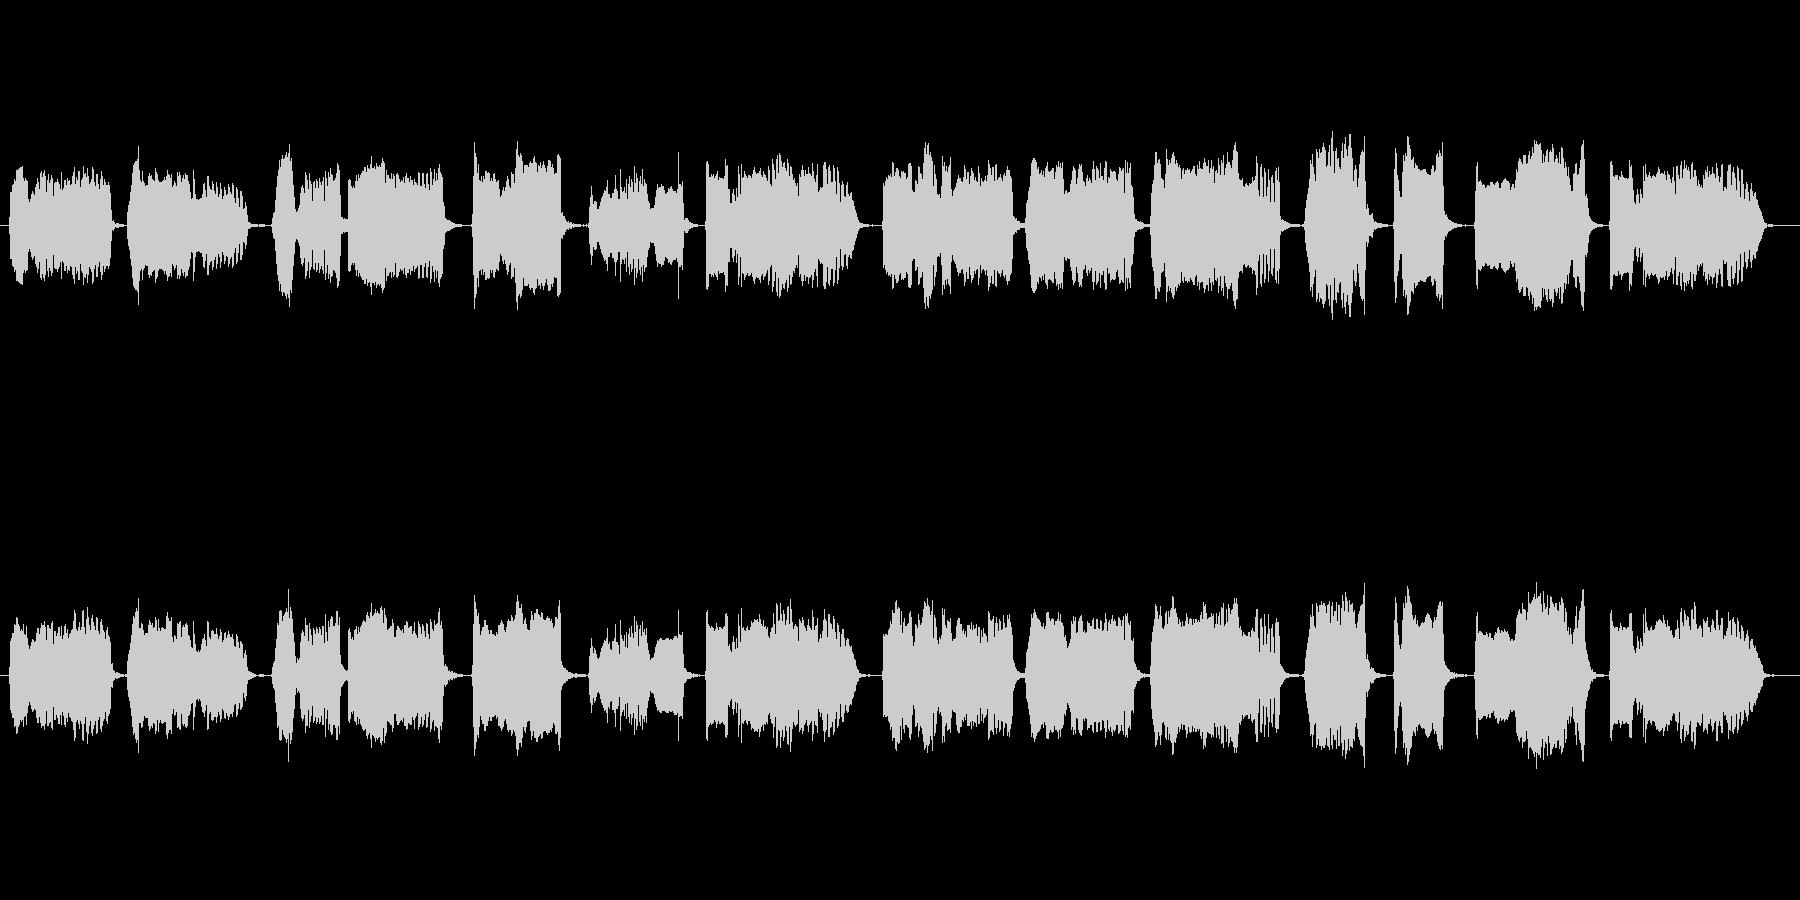 和風の映像に合う篠笛独奏の未再生の波形